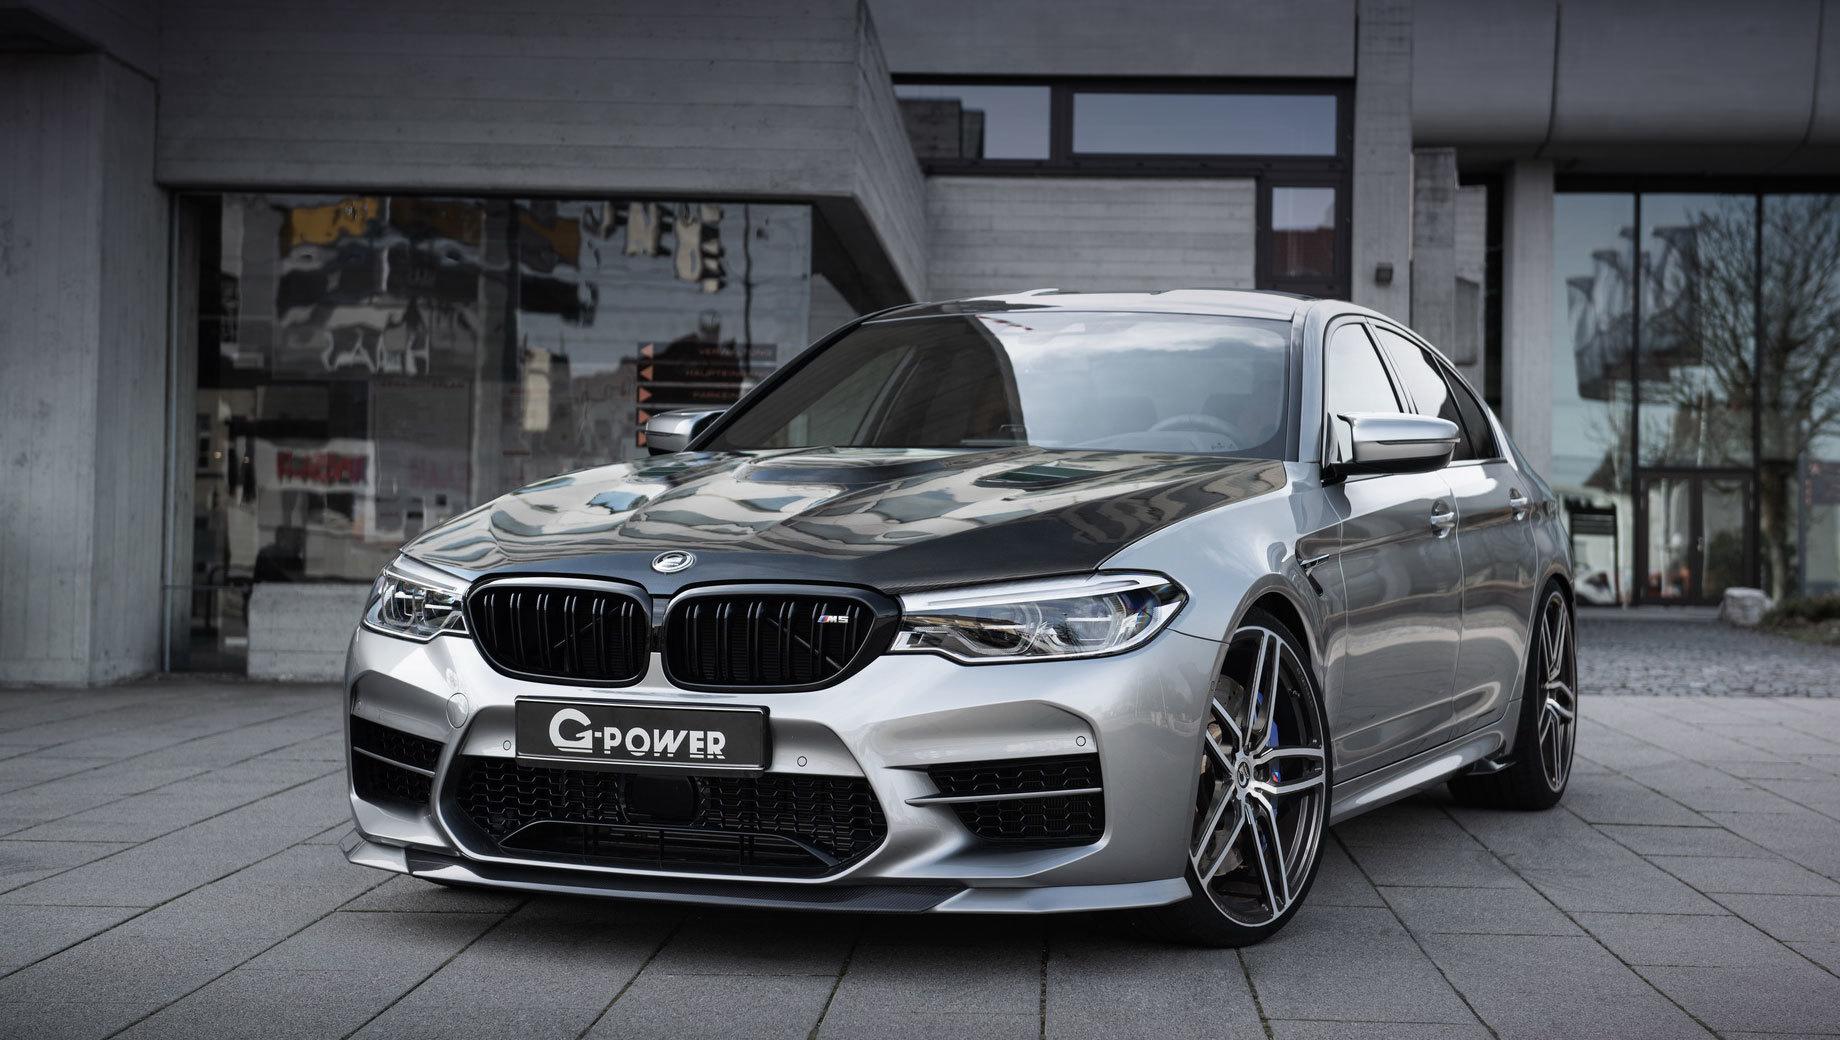 Bmw m5. Заводской капот от BMW M5 можно заменить на углепластиковый вариант GP Venturi. Деталь не только снижает массу седана, но и помогает оптимизировать воздушные потоки для более эффективного охлаждения моторного отсека.